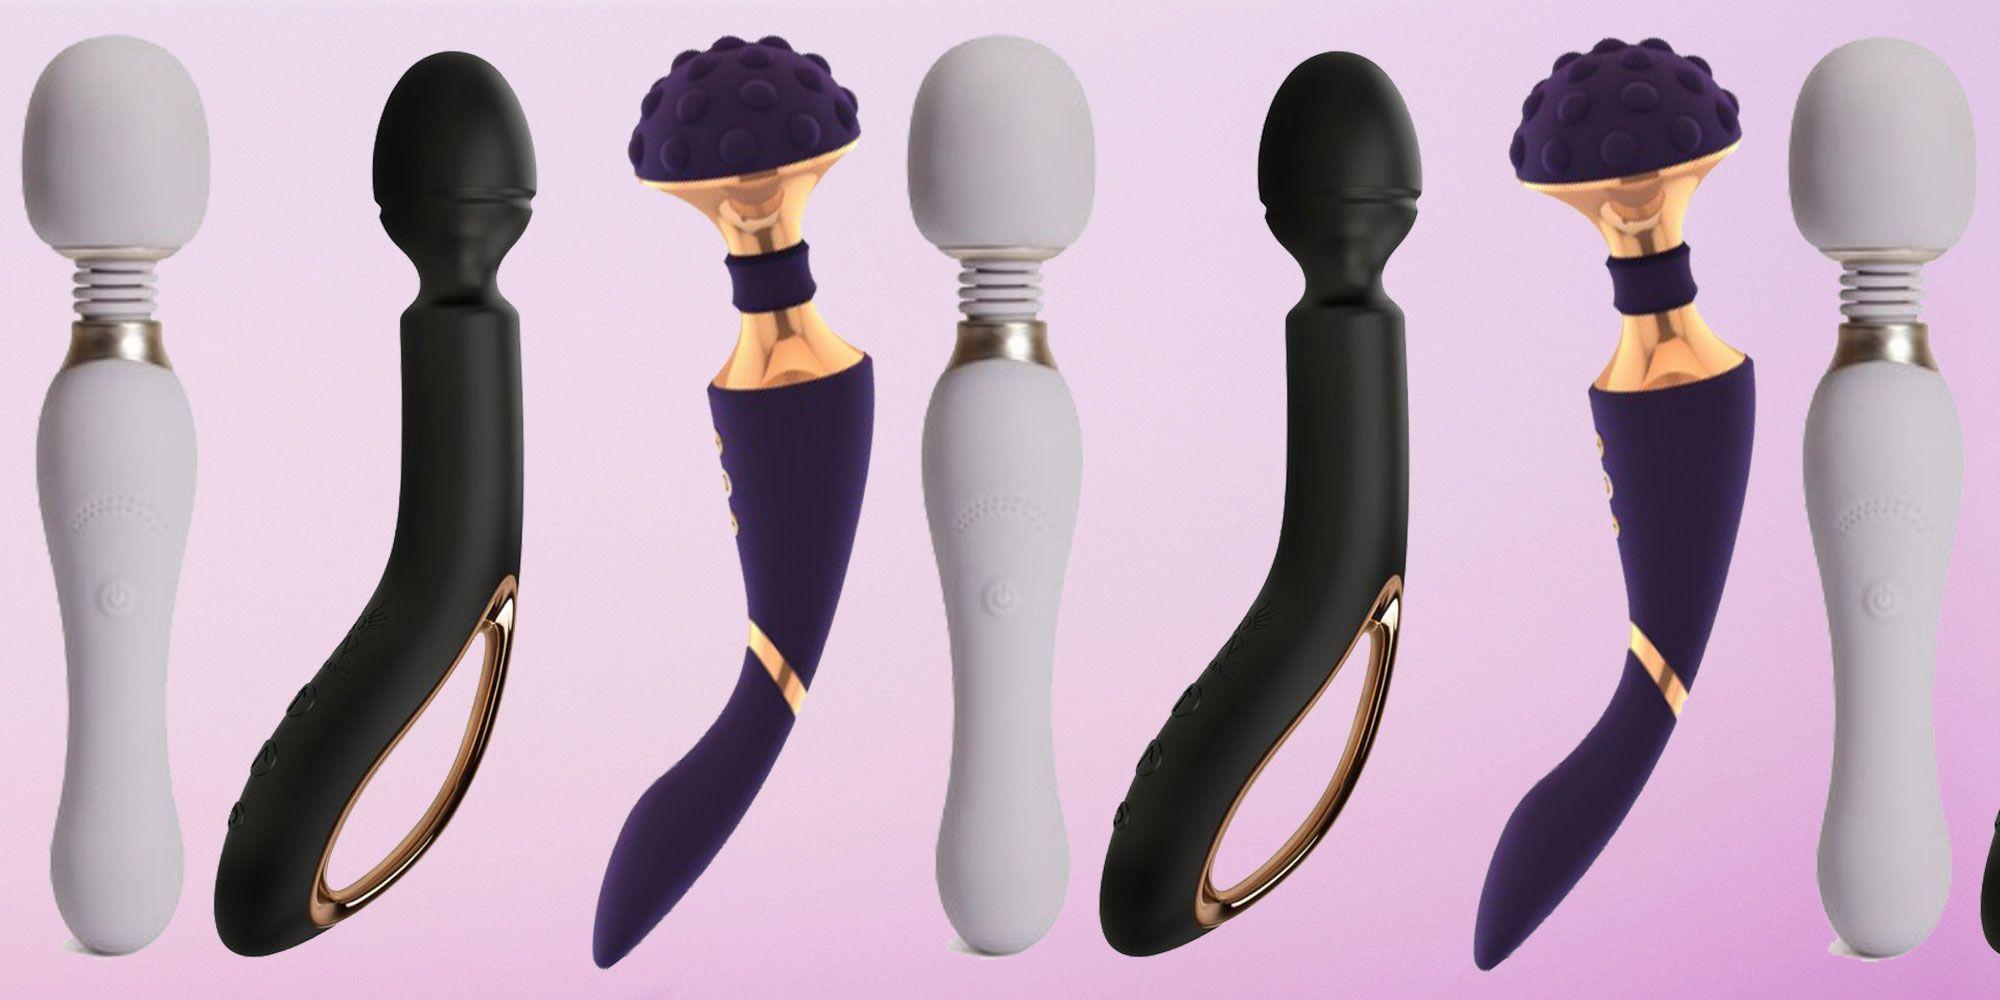 Best wand vibrators